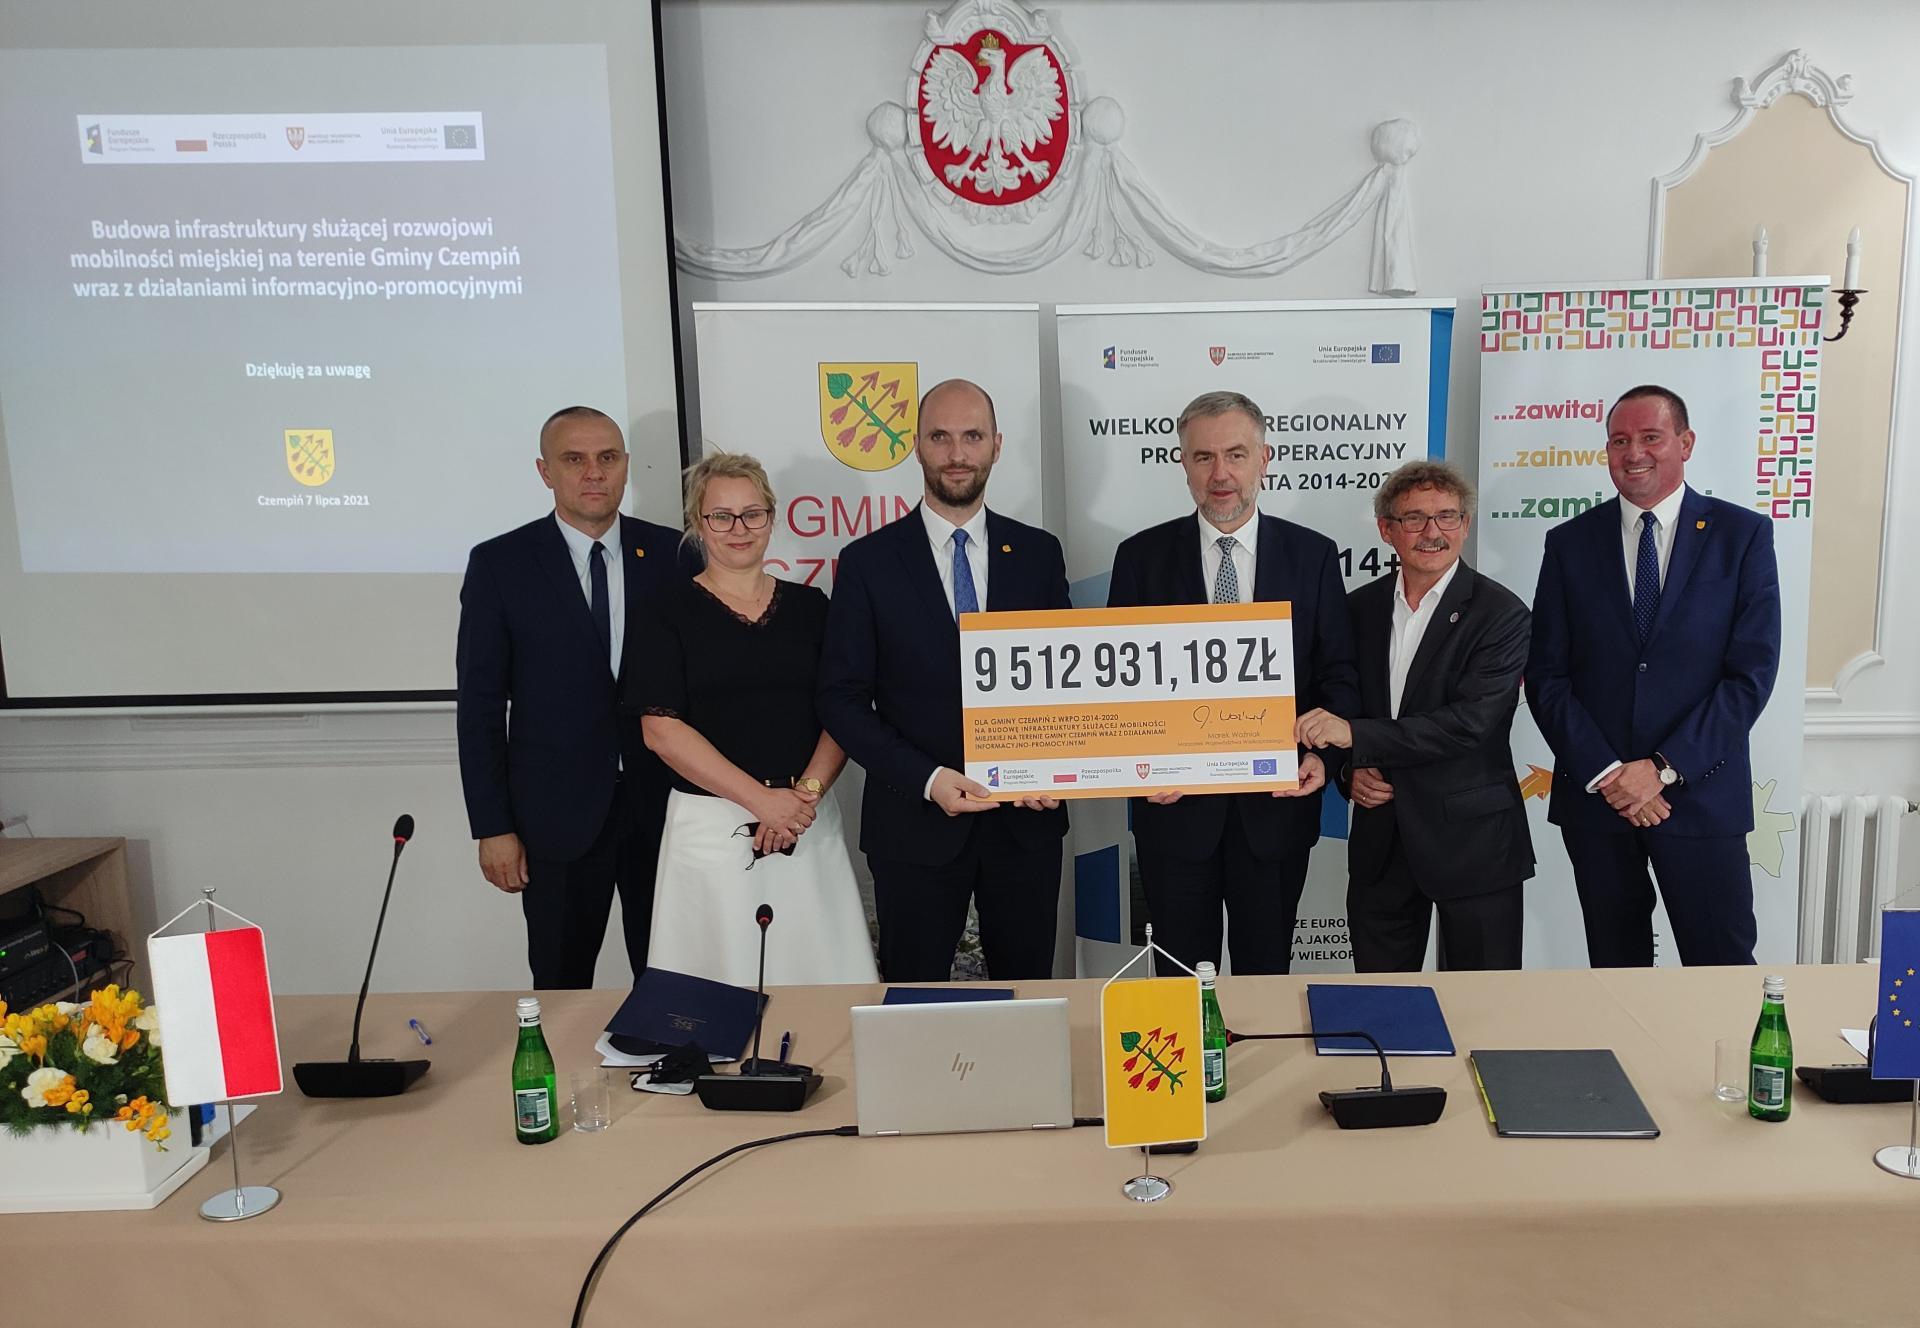 Gminy Czempiń i Śrem dostały w sumie ponad 13 mln złotych z Unii Europejskiej na budowę ścieżek pieszo-rowerowych   - zobacz więcej